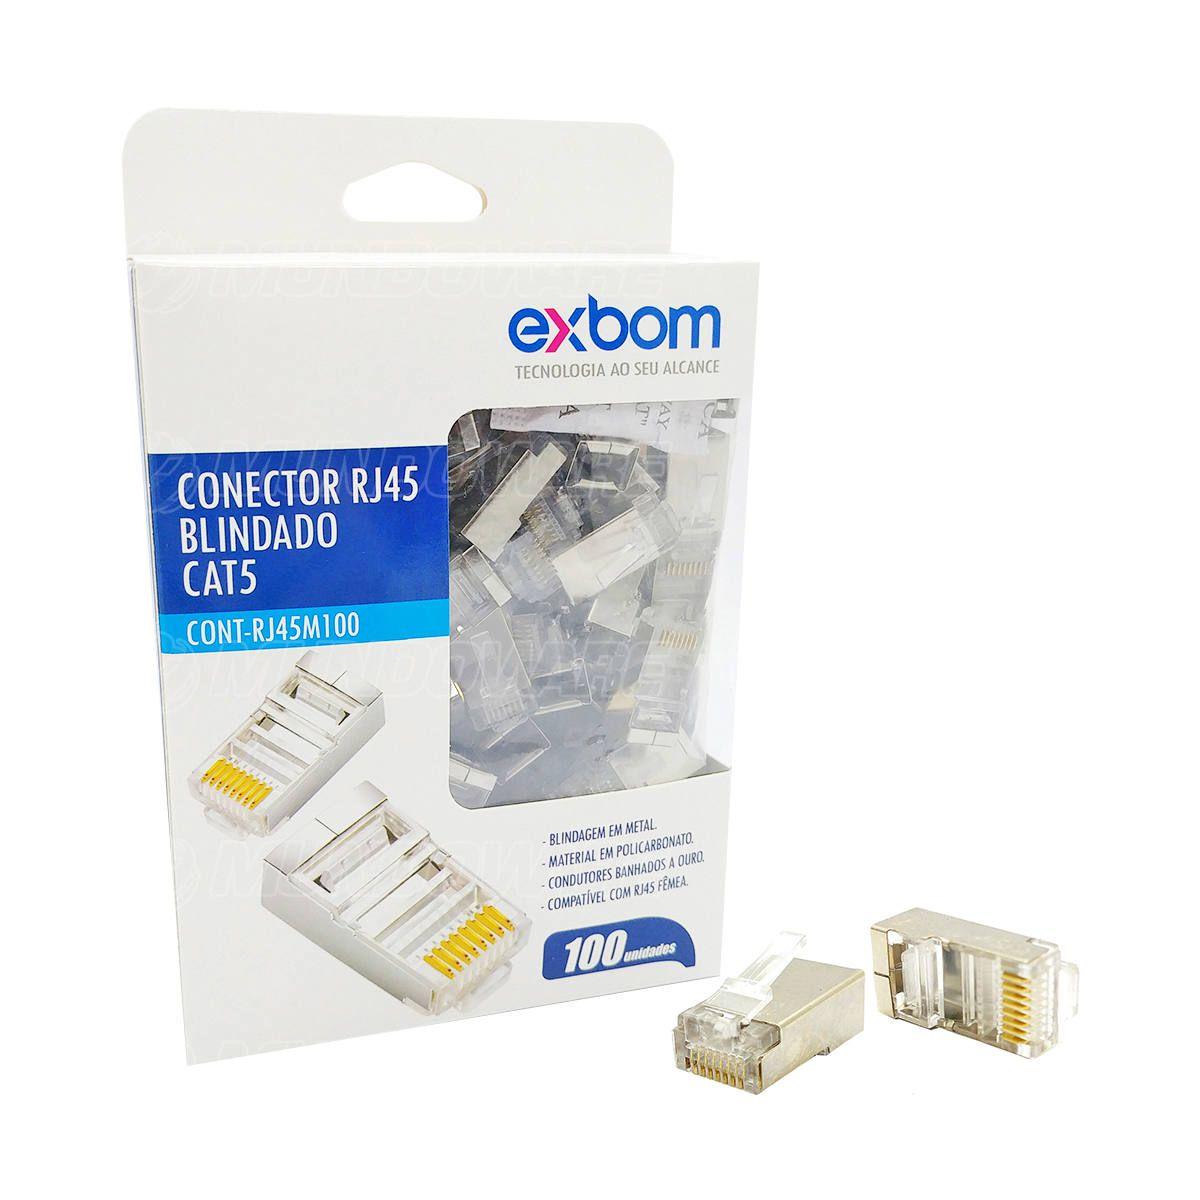 Conector de Rede RJ45 CAT5 8P8C Blindagem em Metal Ethernet Lan Exbom RJ45M100 / Caixa com 100 Unidades